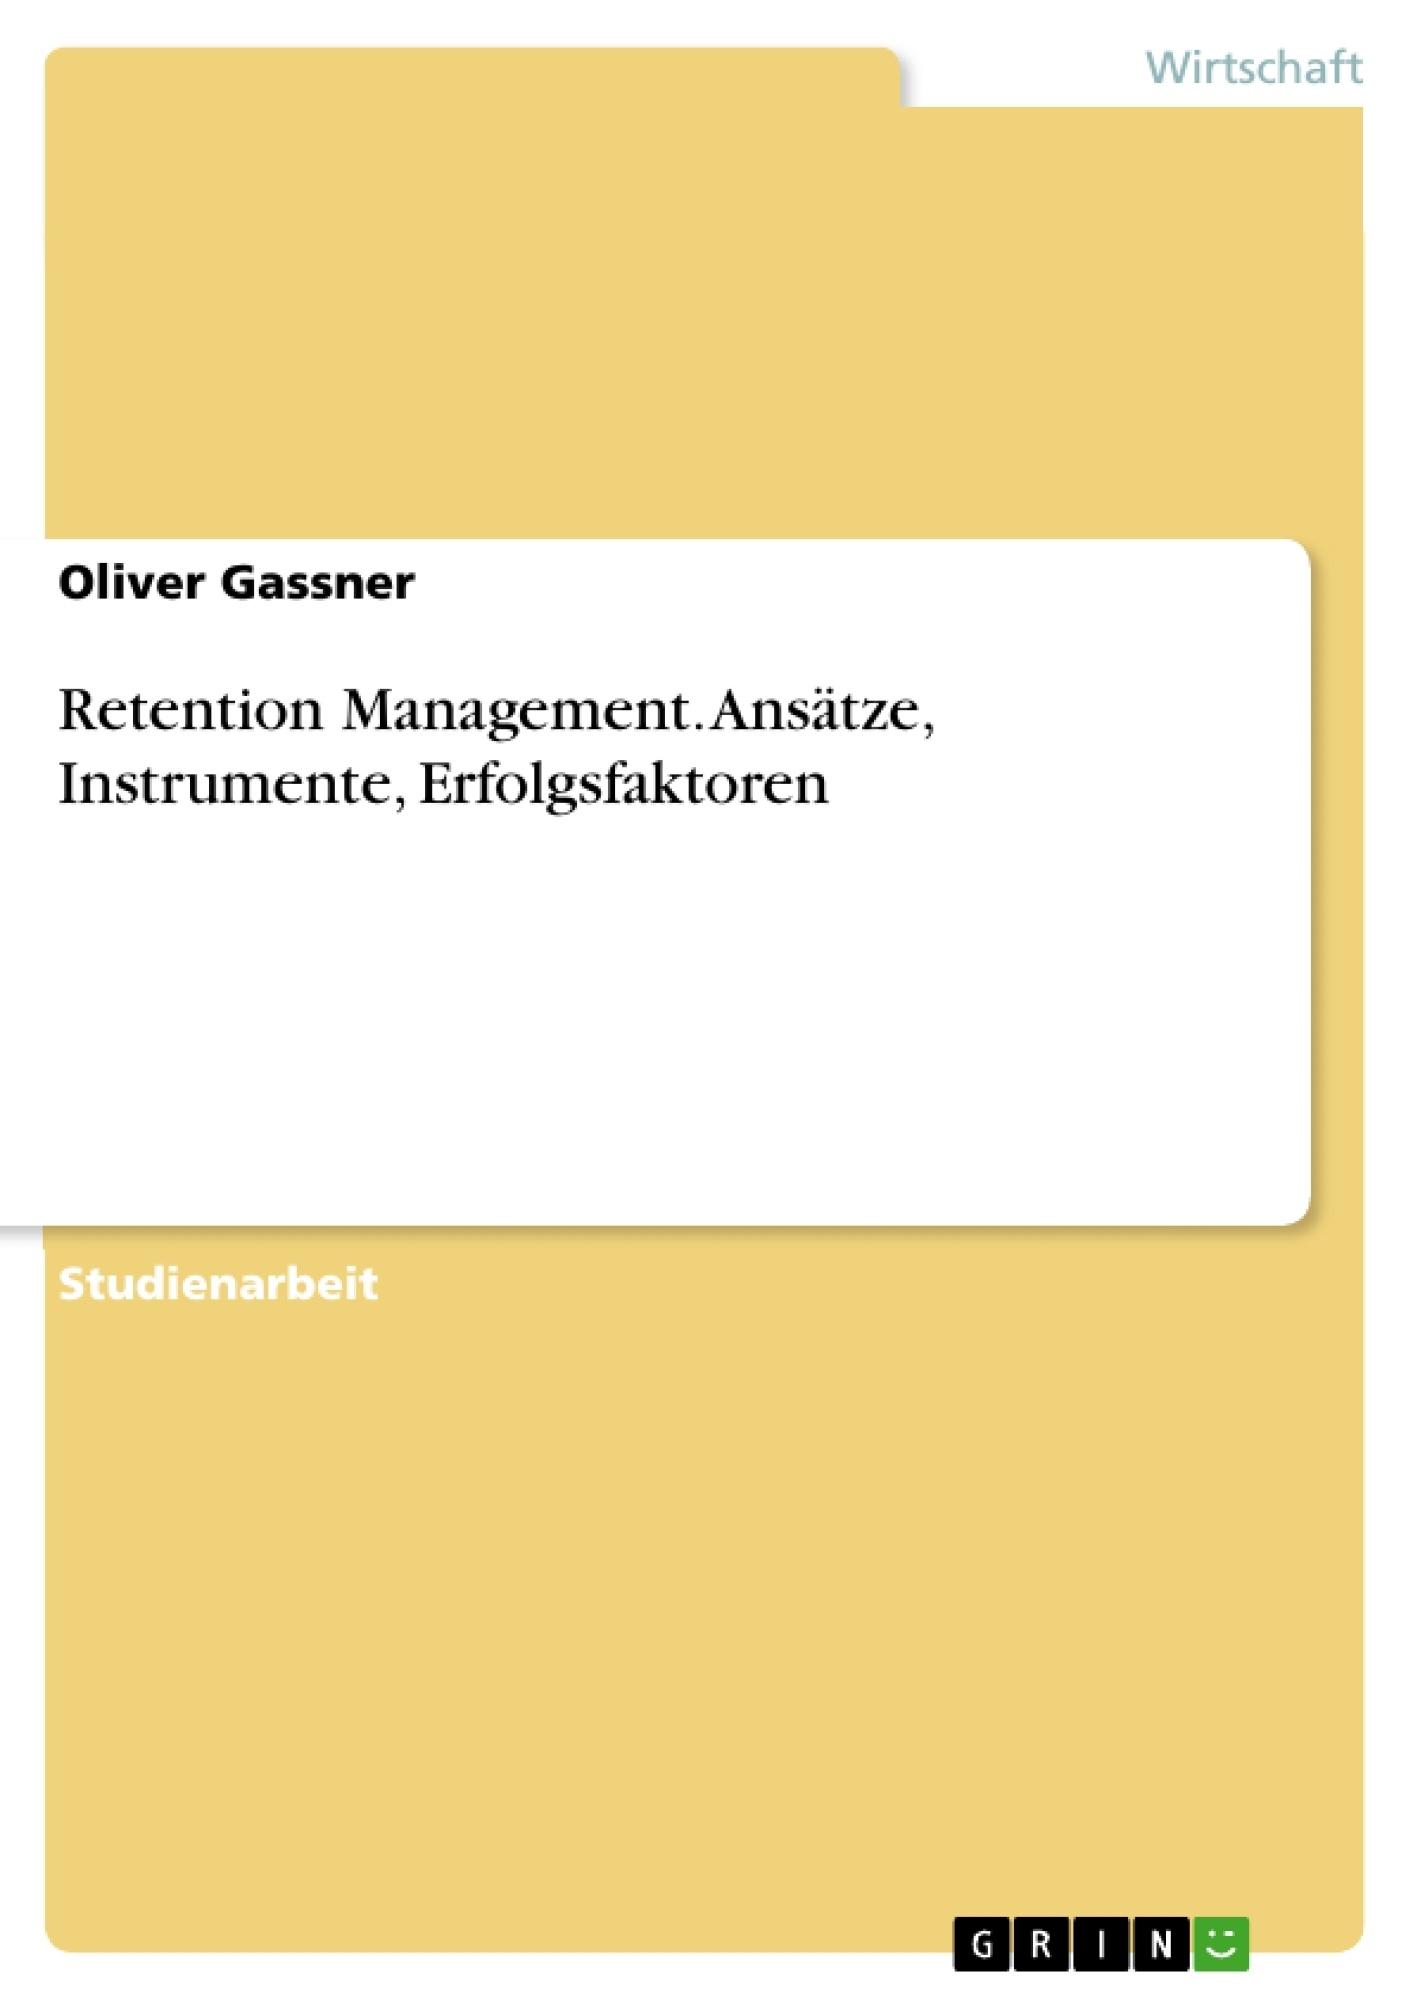 Titel: Retention Management. Ansätze, Instrumente, Erfolgsfaktoren